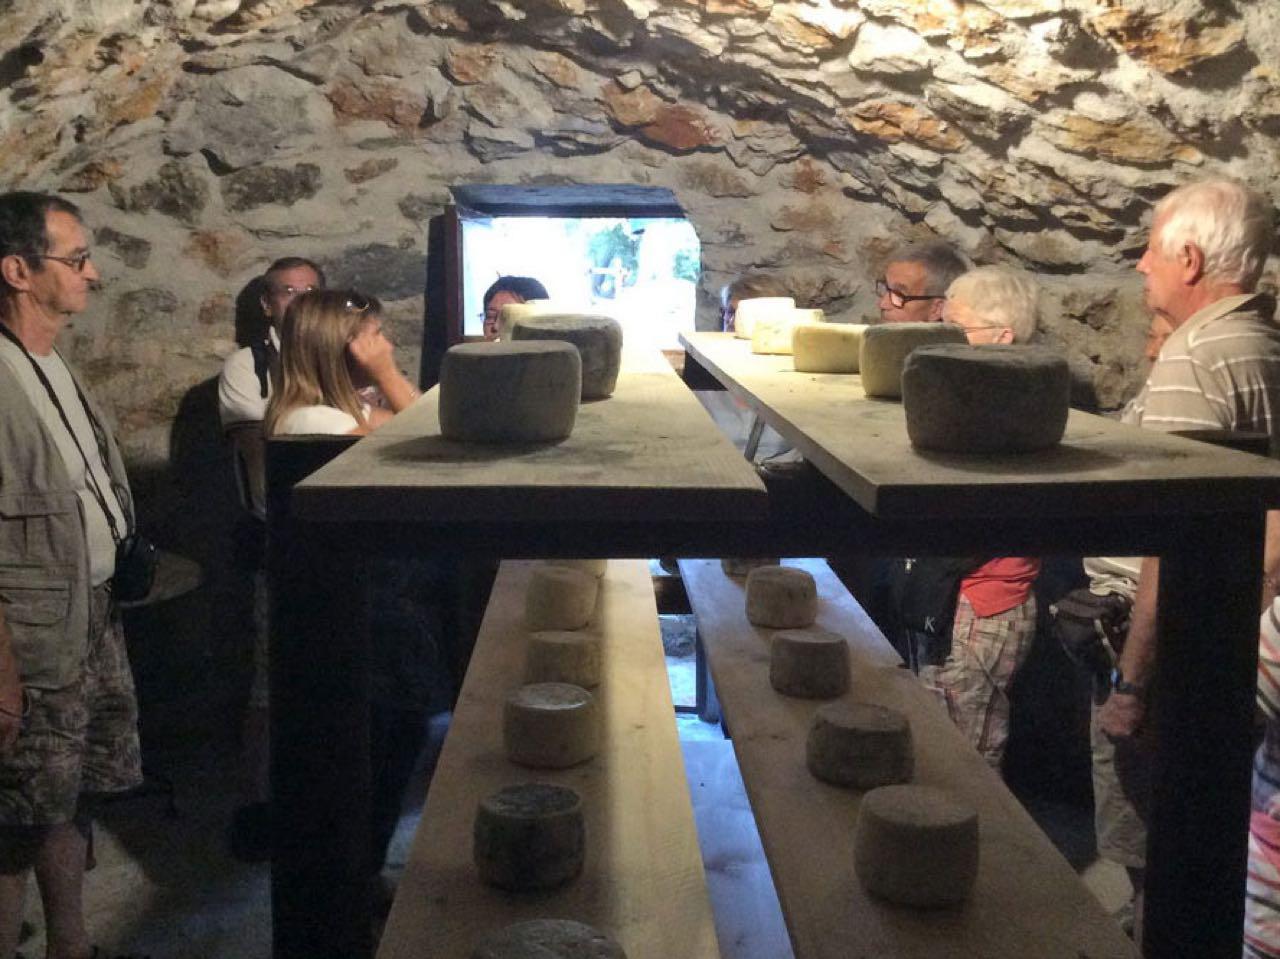 Rethymnon Tour To Explore Shephard's Hut and Cheese Making Process, halepa monastery jeep safari tour, axos village chesse making tour, activities rethimno, cheese making best activity crete, best jeep safari tours chania rethimno, crete activities